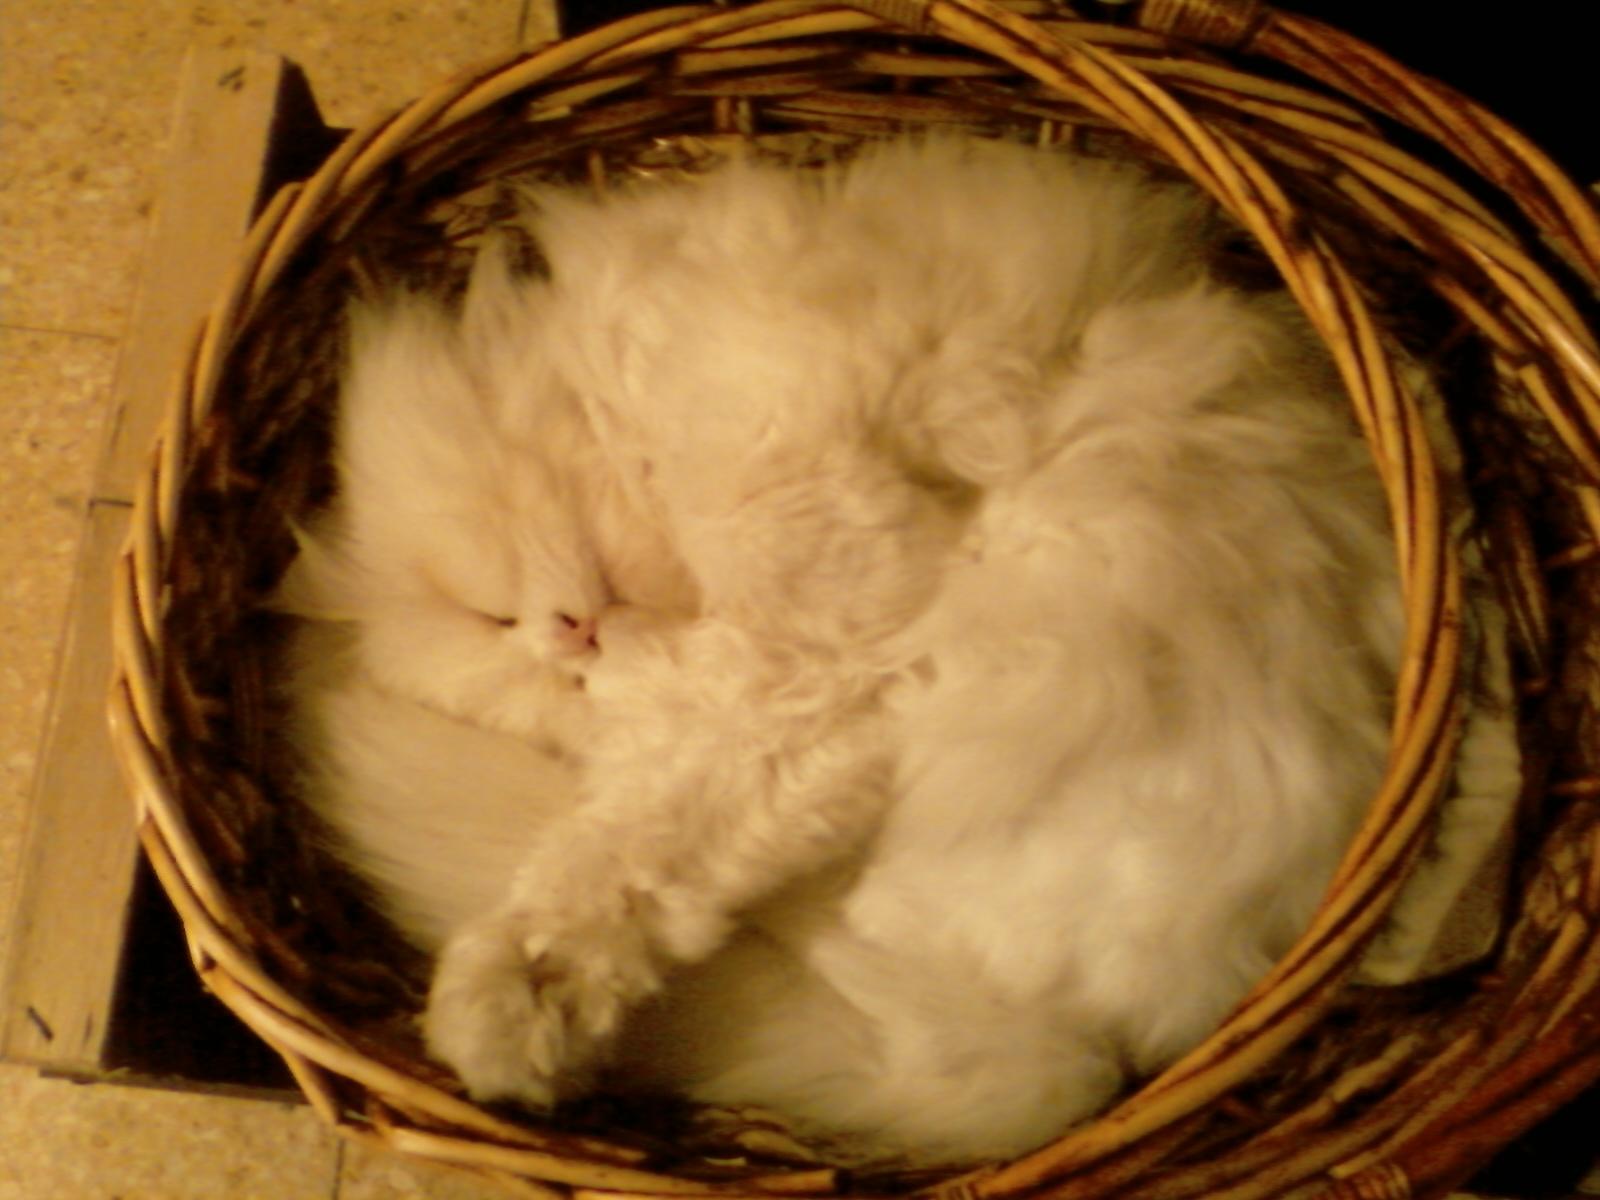 File:Gato Persa.jpg